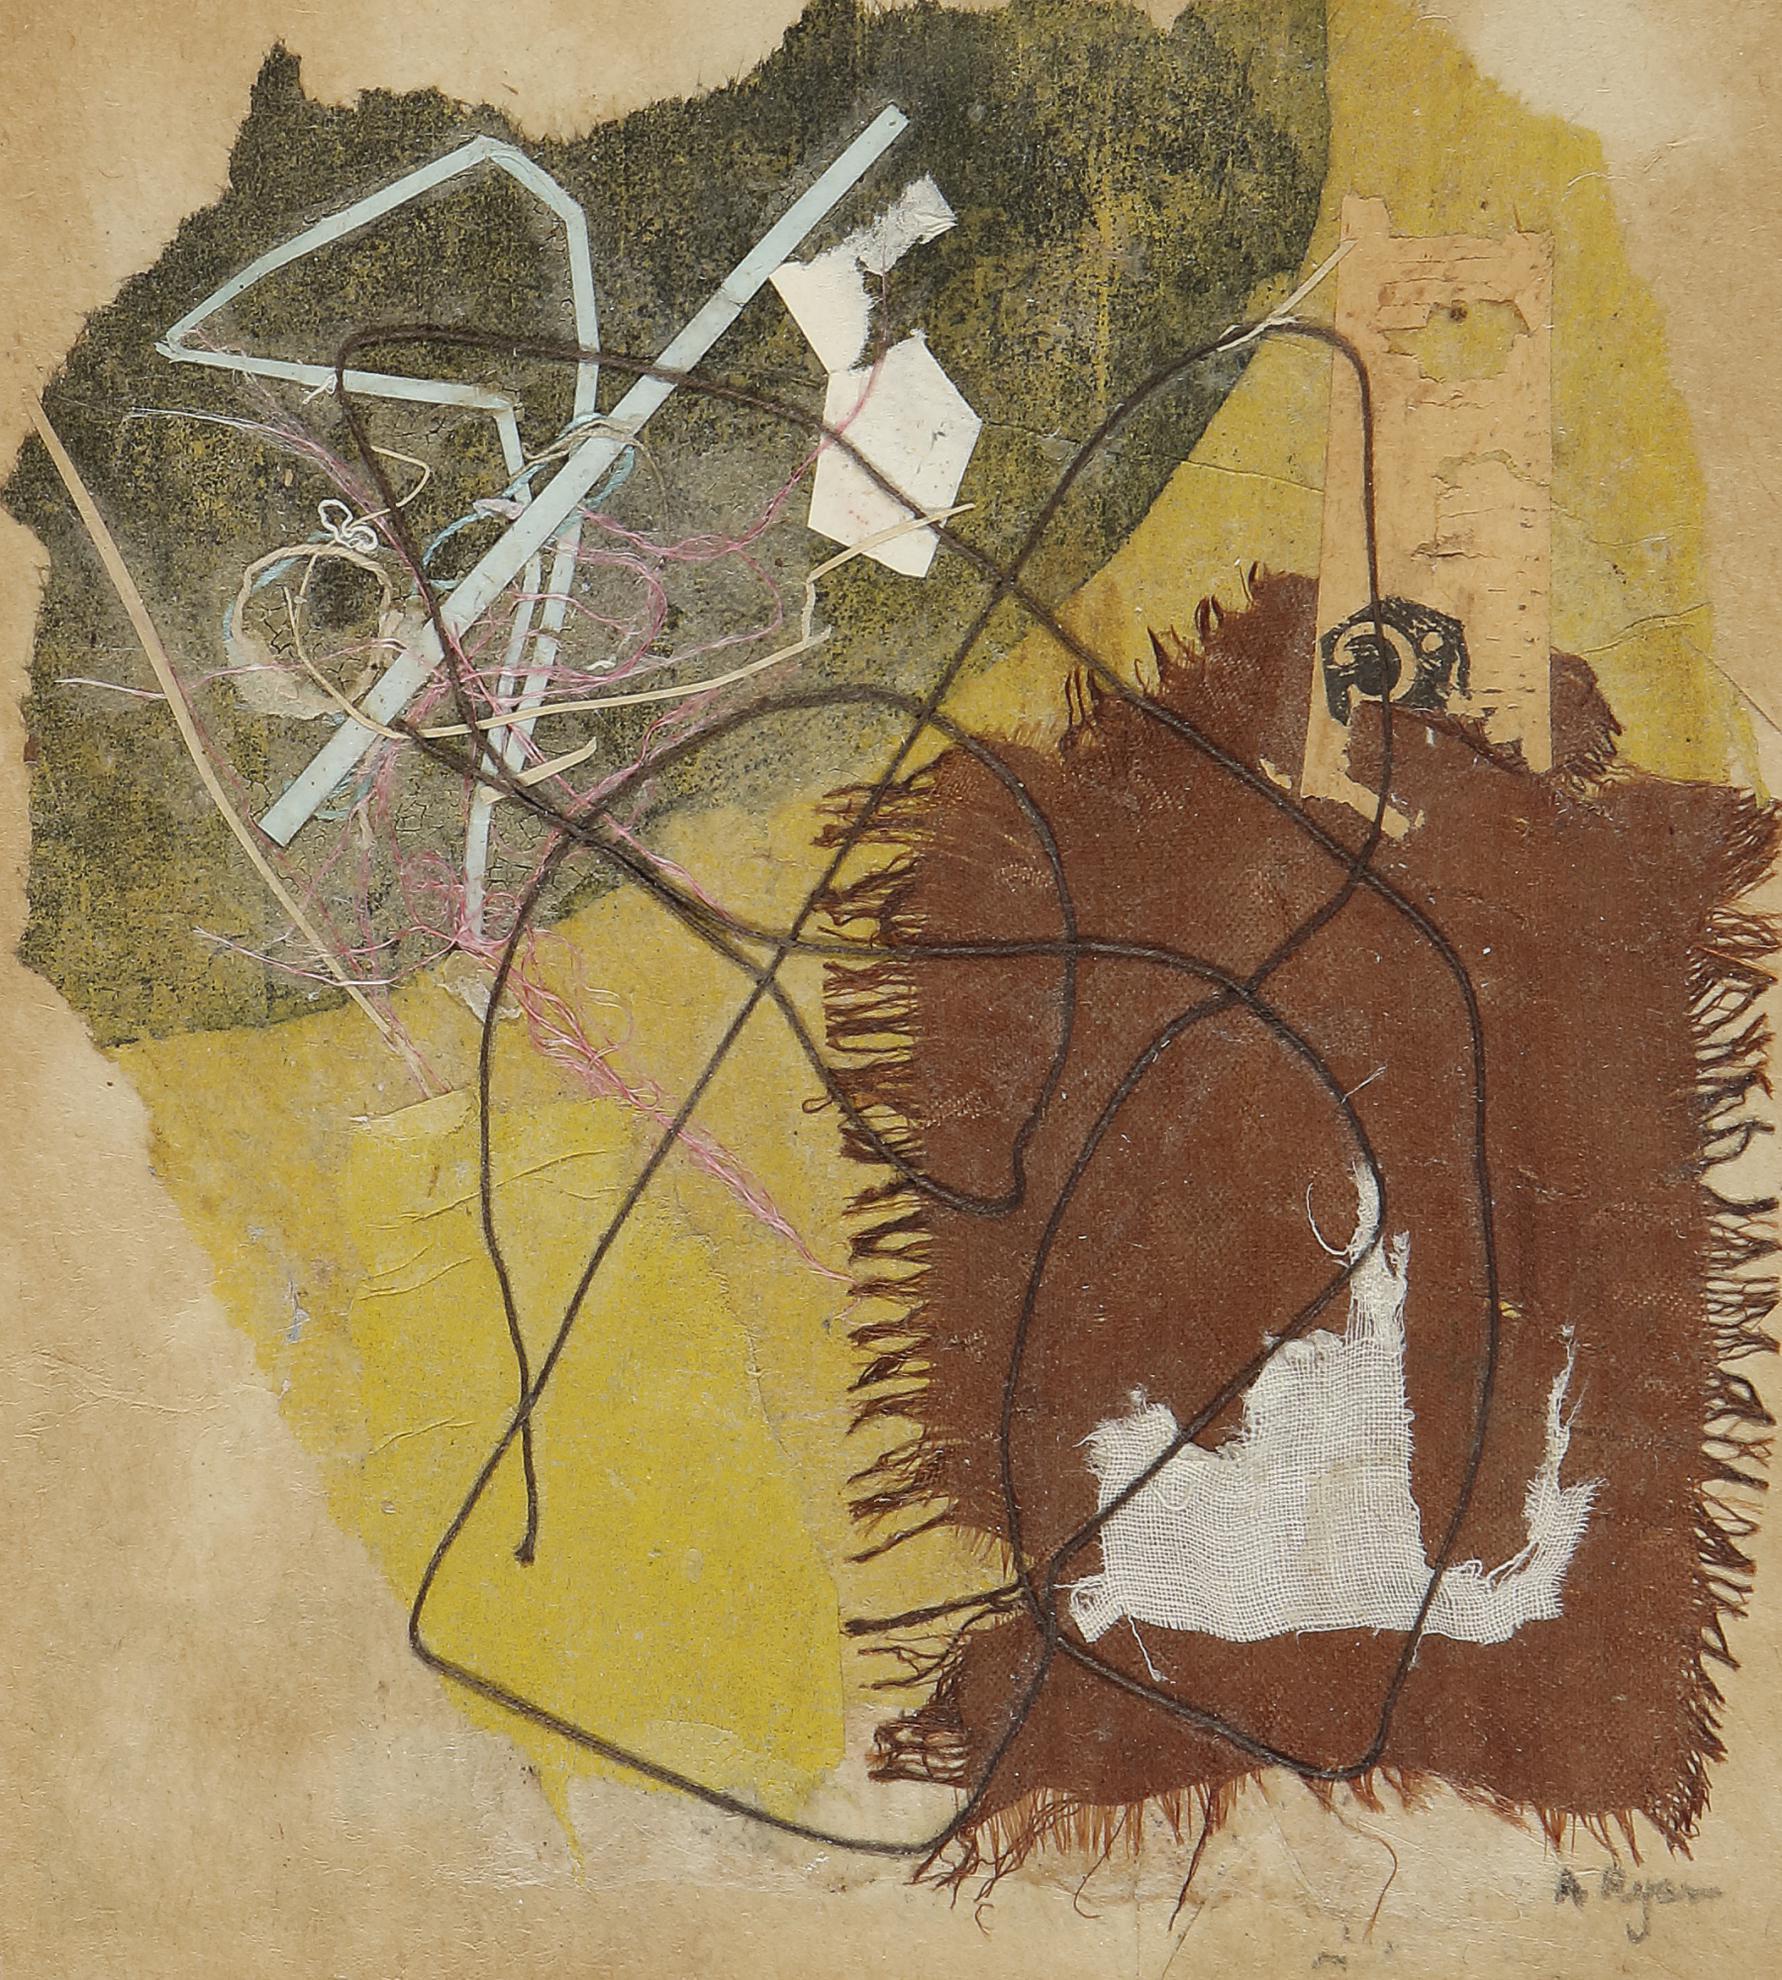 Anne Ryan-Collage No. 285-